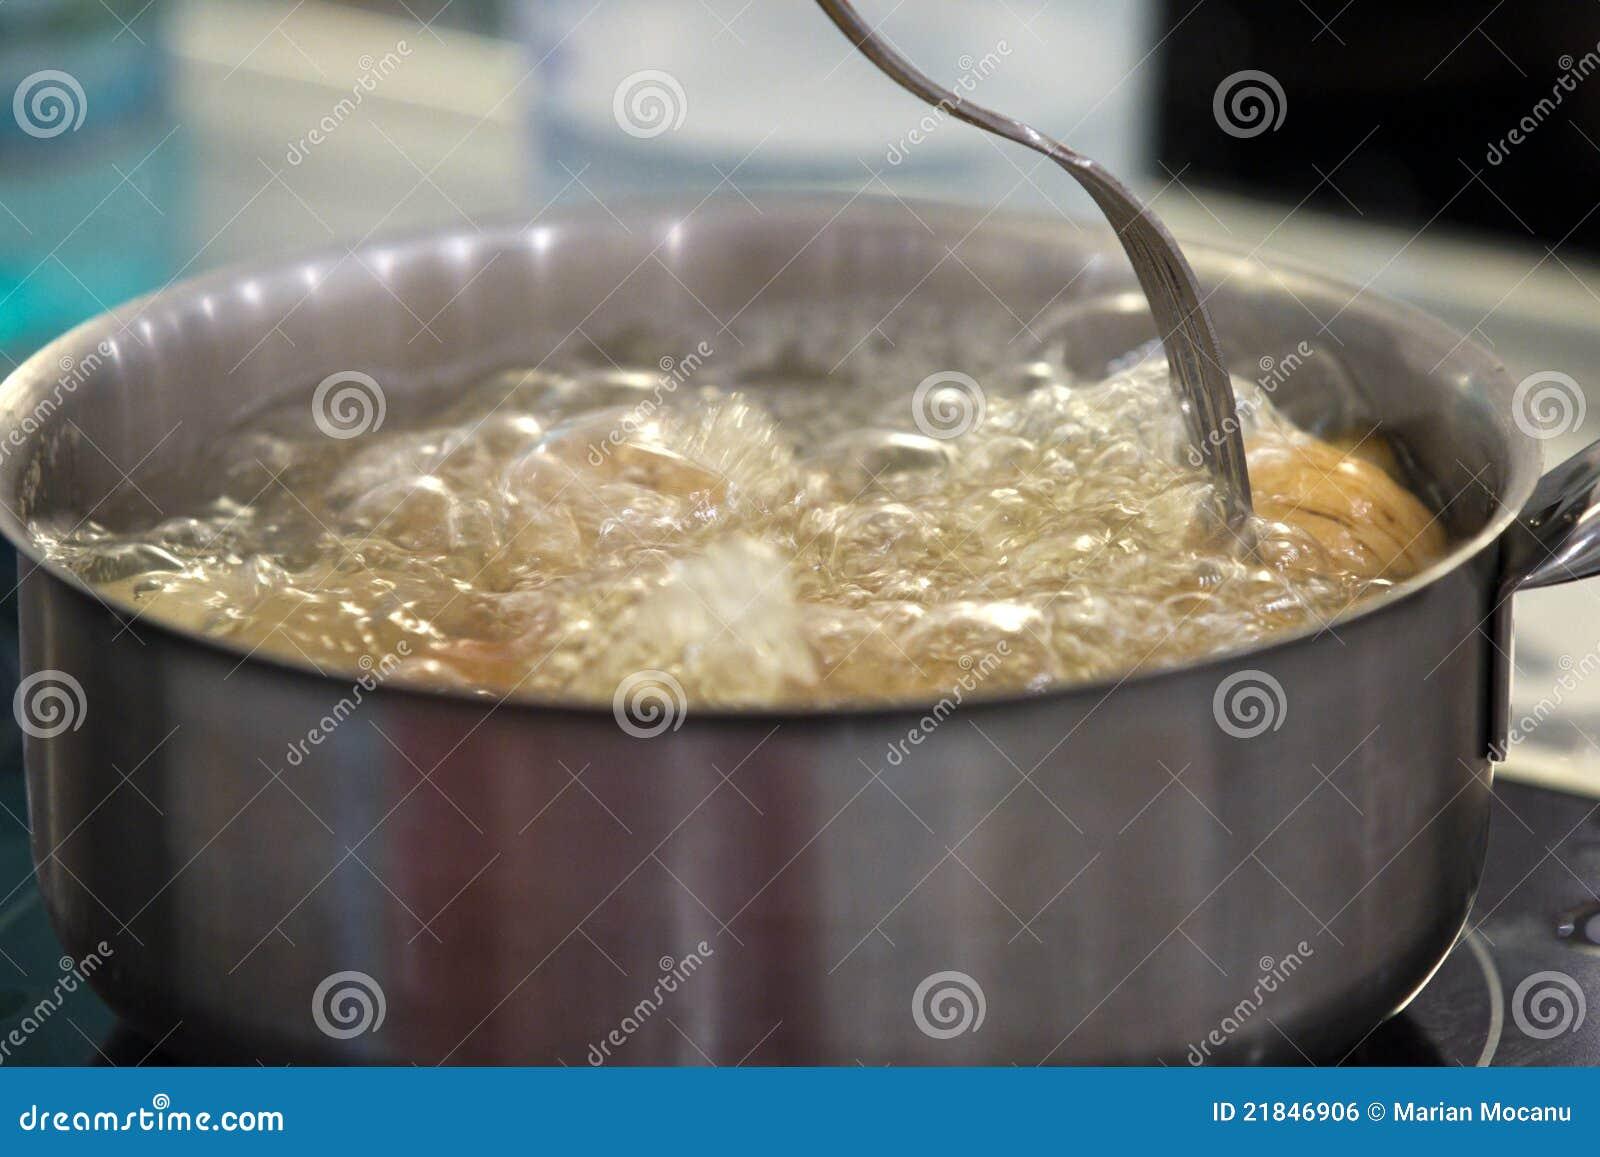 Het koken van het water royalty vrije stock afbeelding beeld 21846906 for Beeldkoken